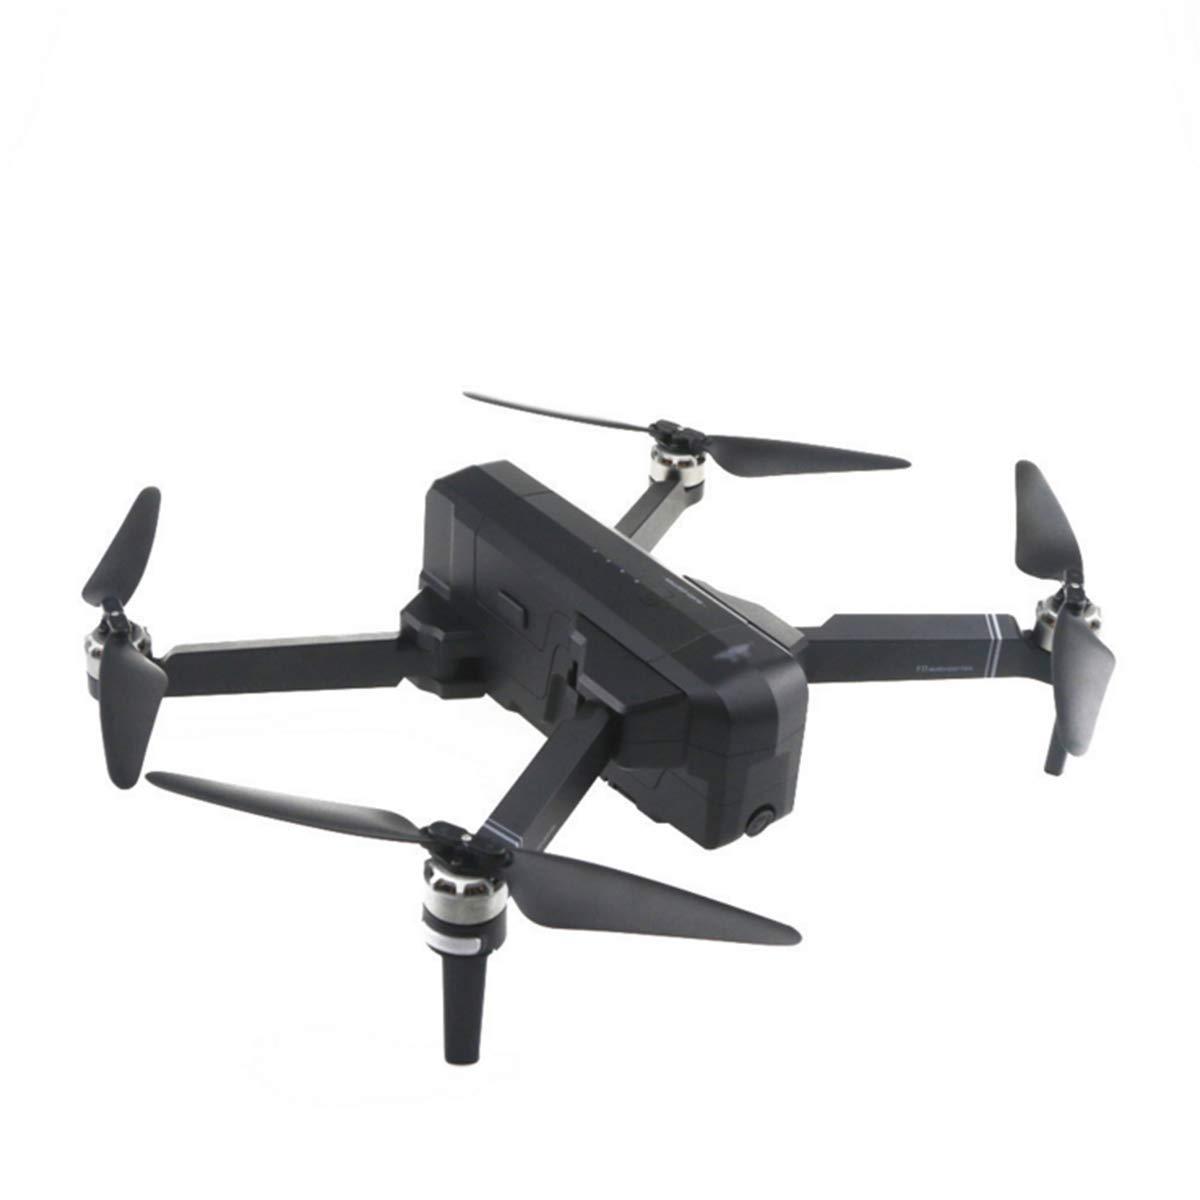 AEMAX Drone FPV con videocamera HD 1080p e Ritorno GPS, quadricottero per la Trasmissione WiFi per Principianti Adulti, Mantenimento dell'altitudine, Batteria Intelligente,nero-2K 800m